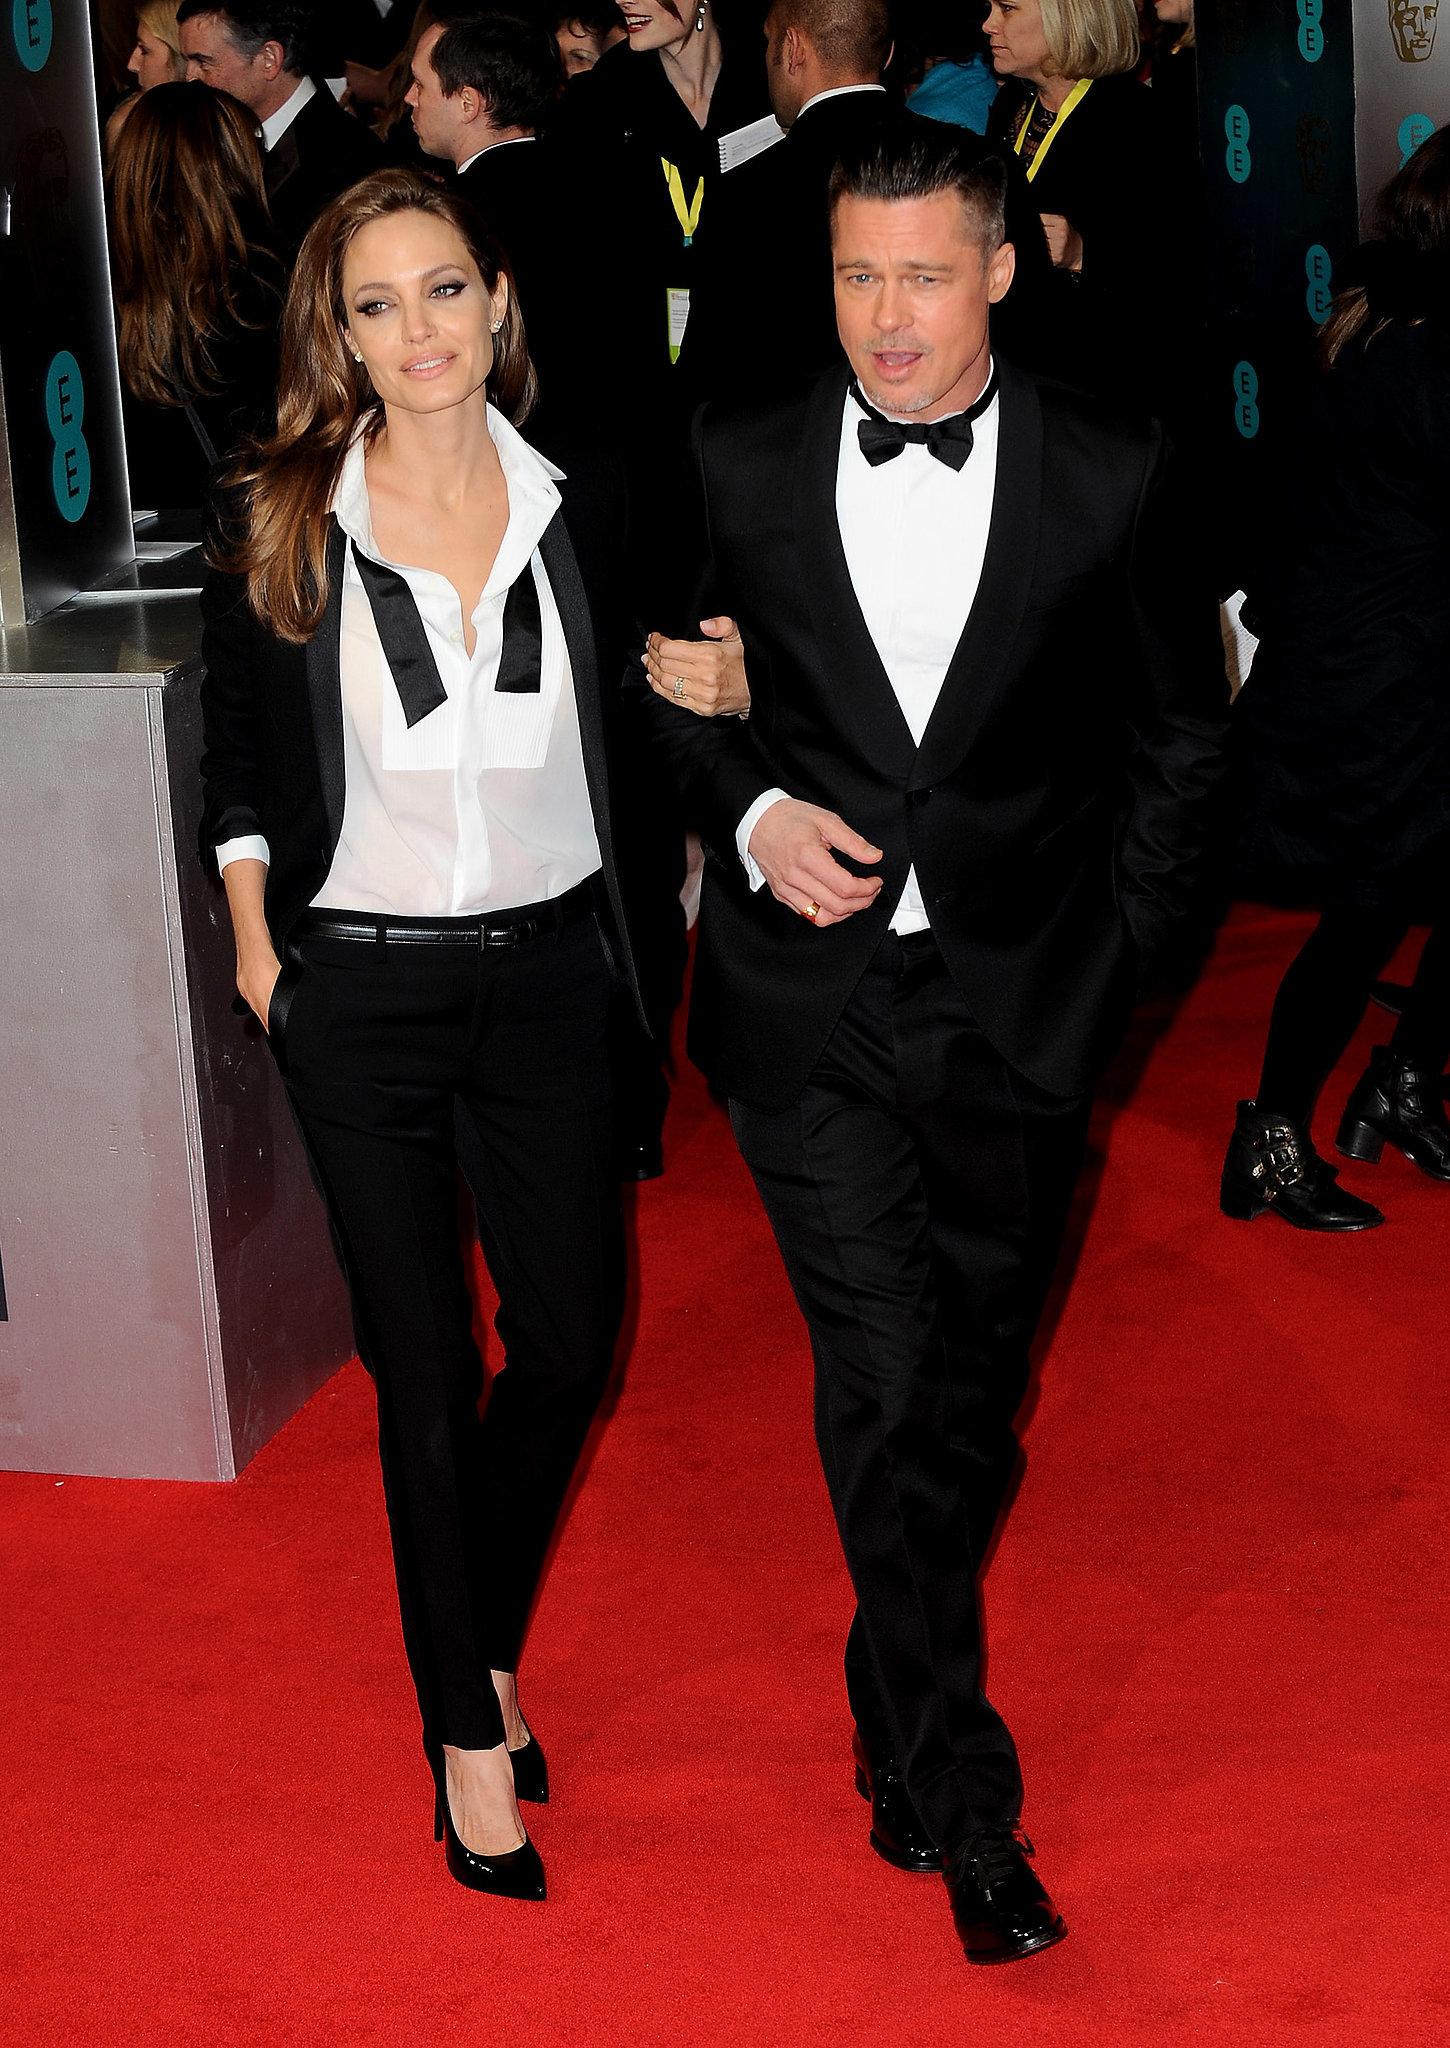 Brad Pitt and Angelina Jolie at the 2014 BAFTA Awards.